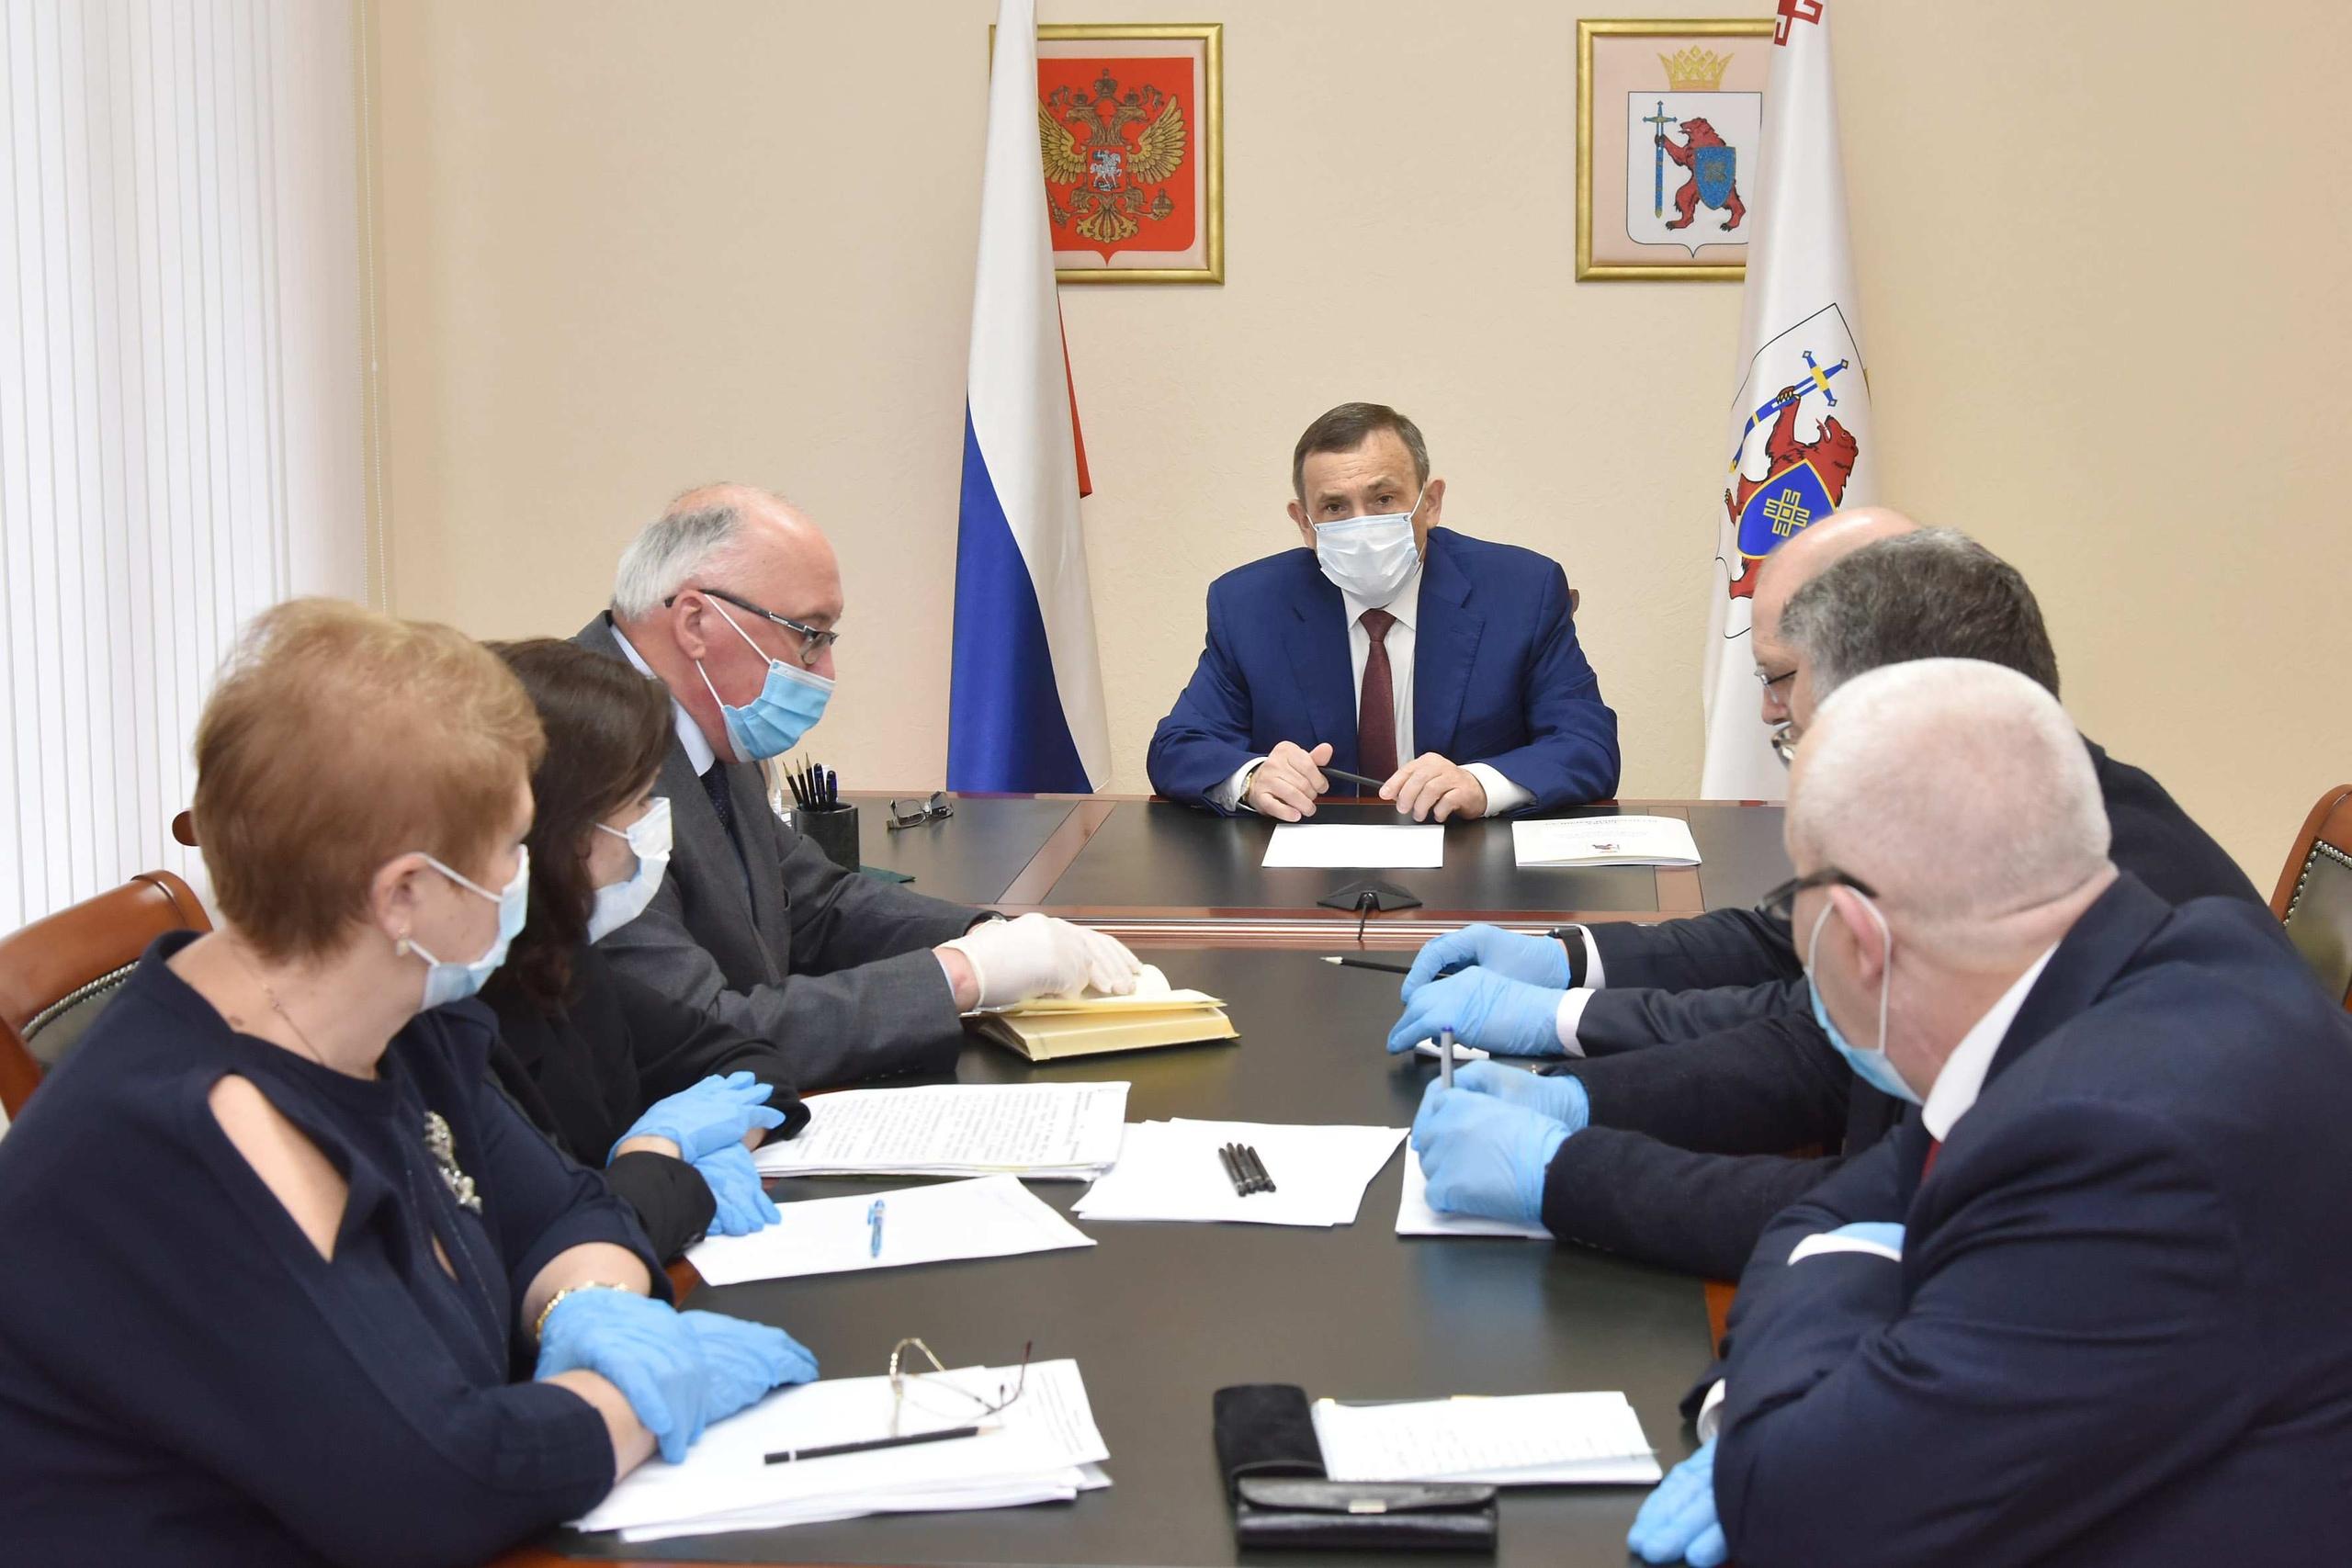 Сергей Собянин обсудил с главами регионов меры борьбы с коронавирусом